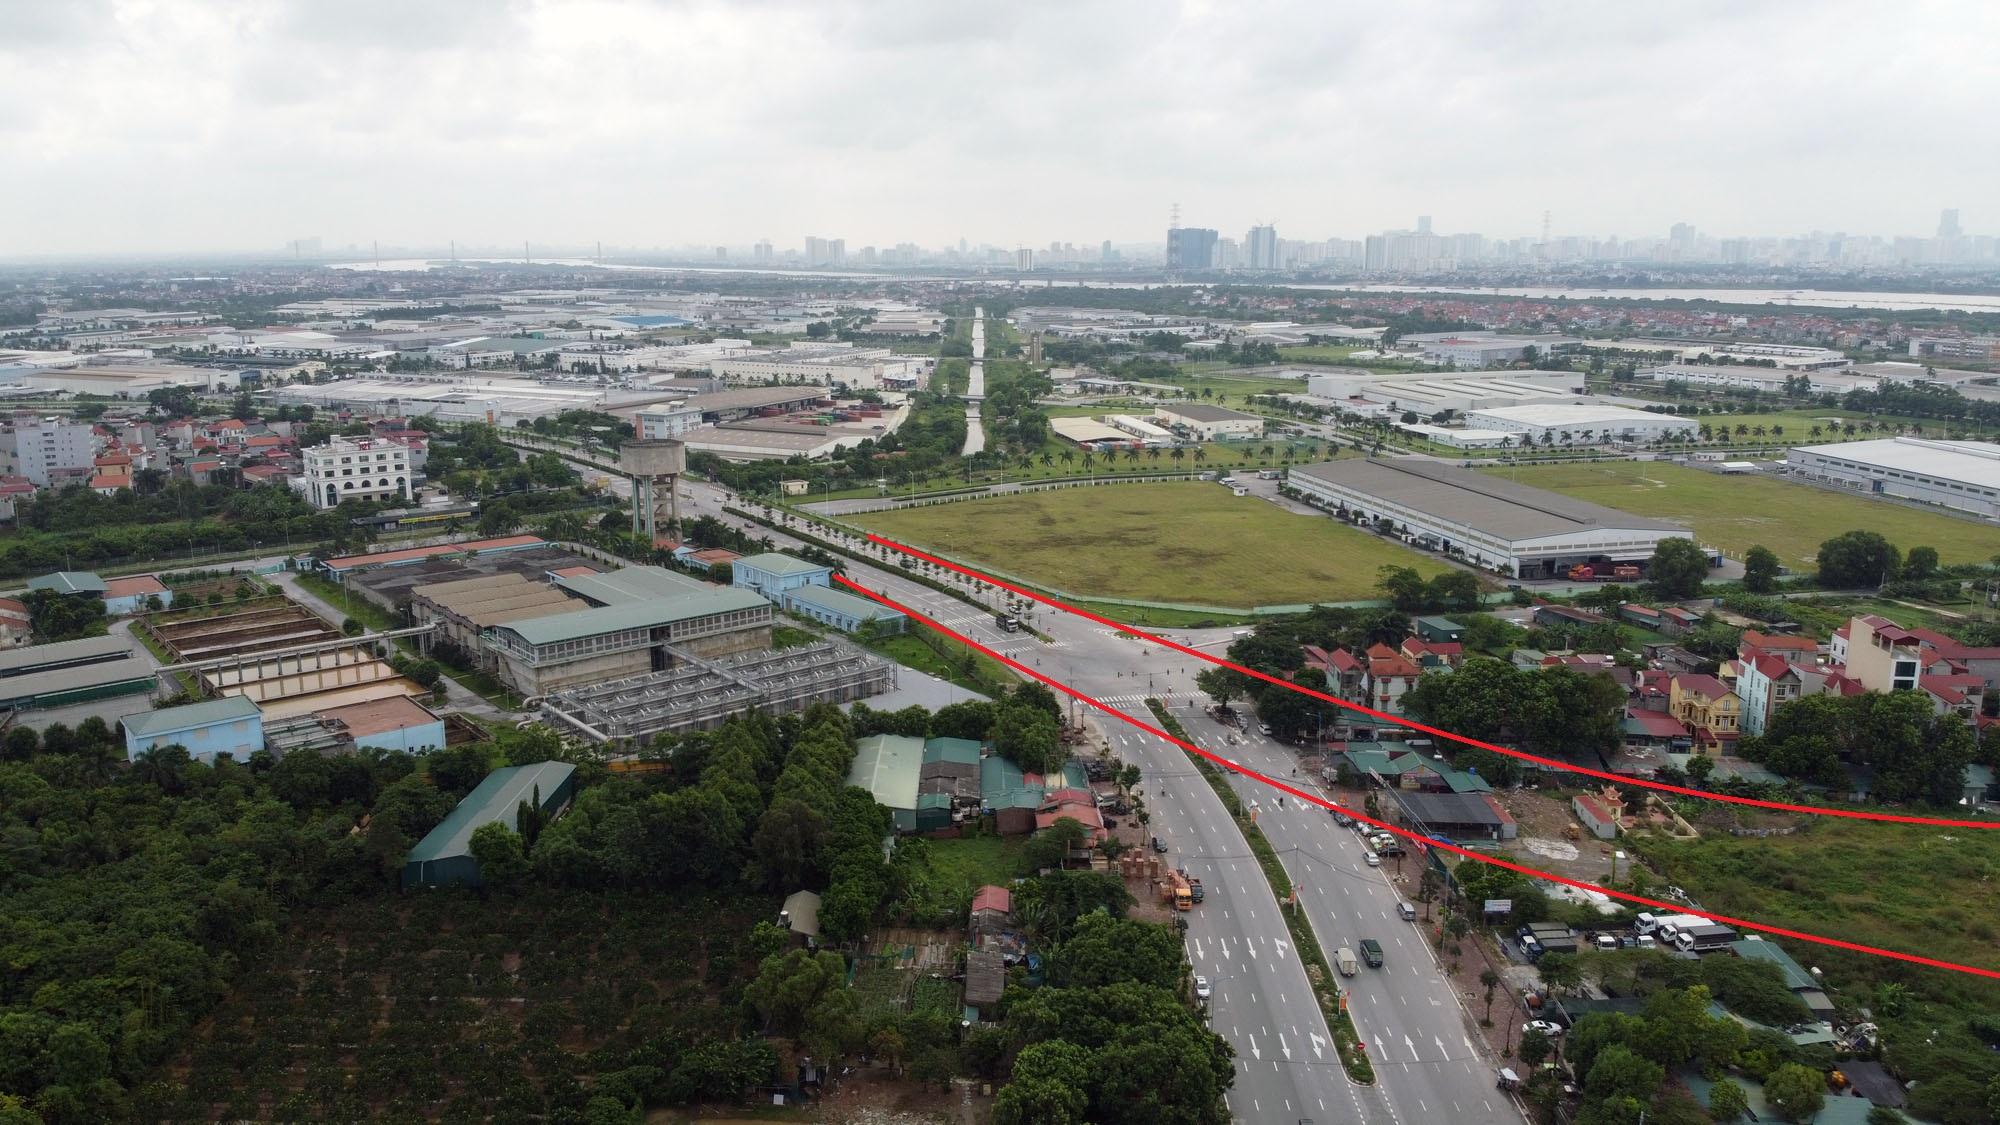 Ba đường sẽ mở theo qui hoạch ở xã Đại Mạch, Đông Anh, Hà Nội - Ảnh 3.